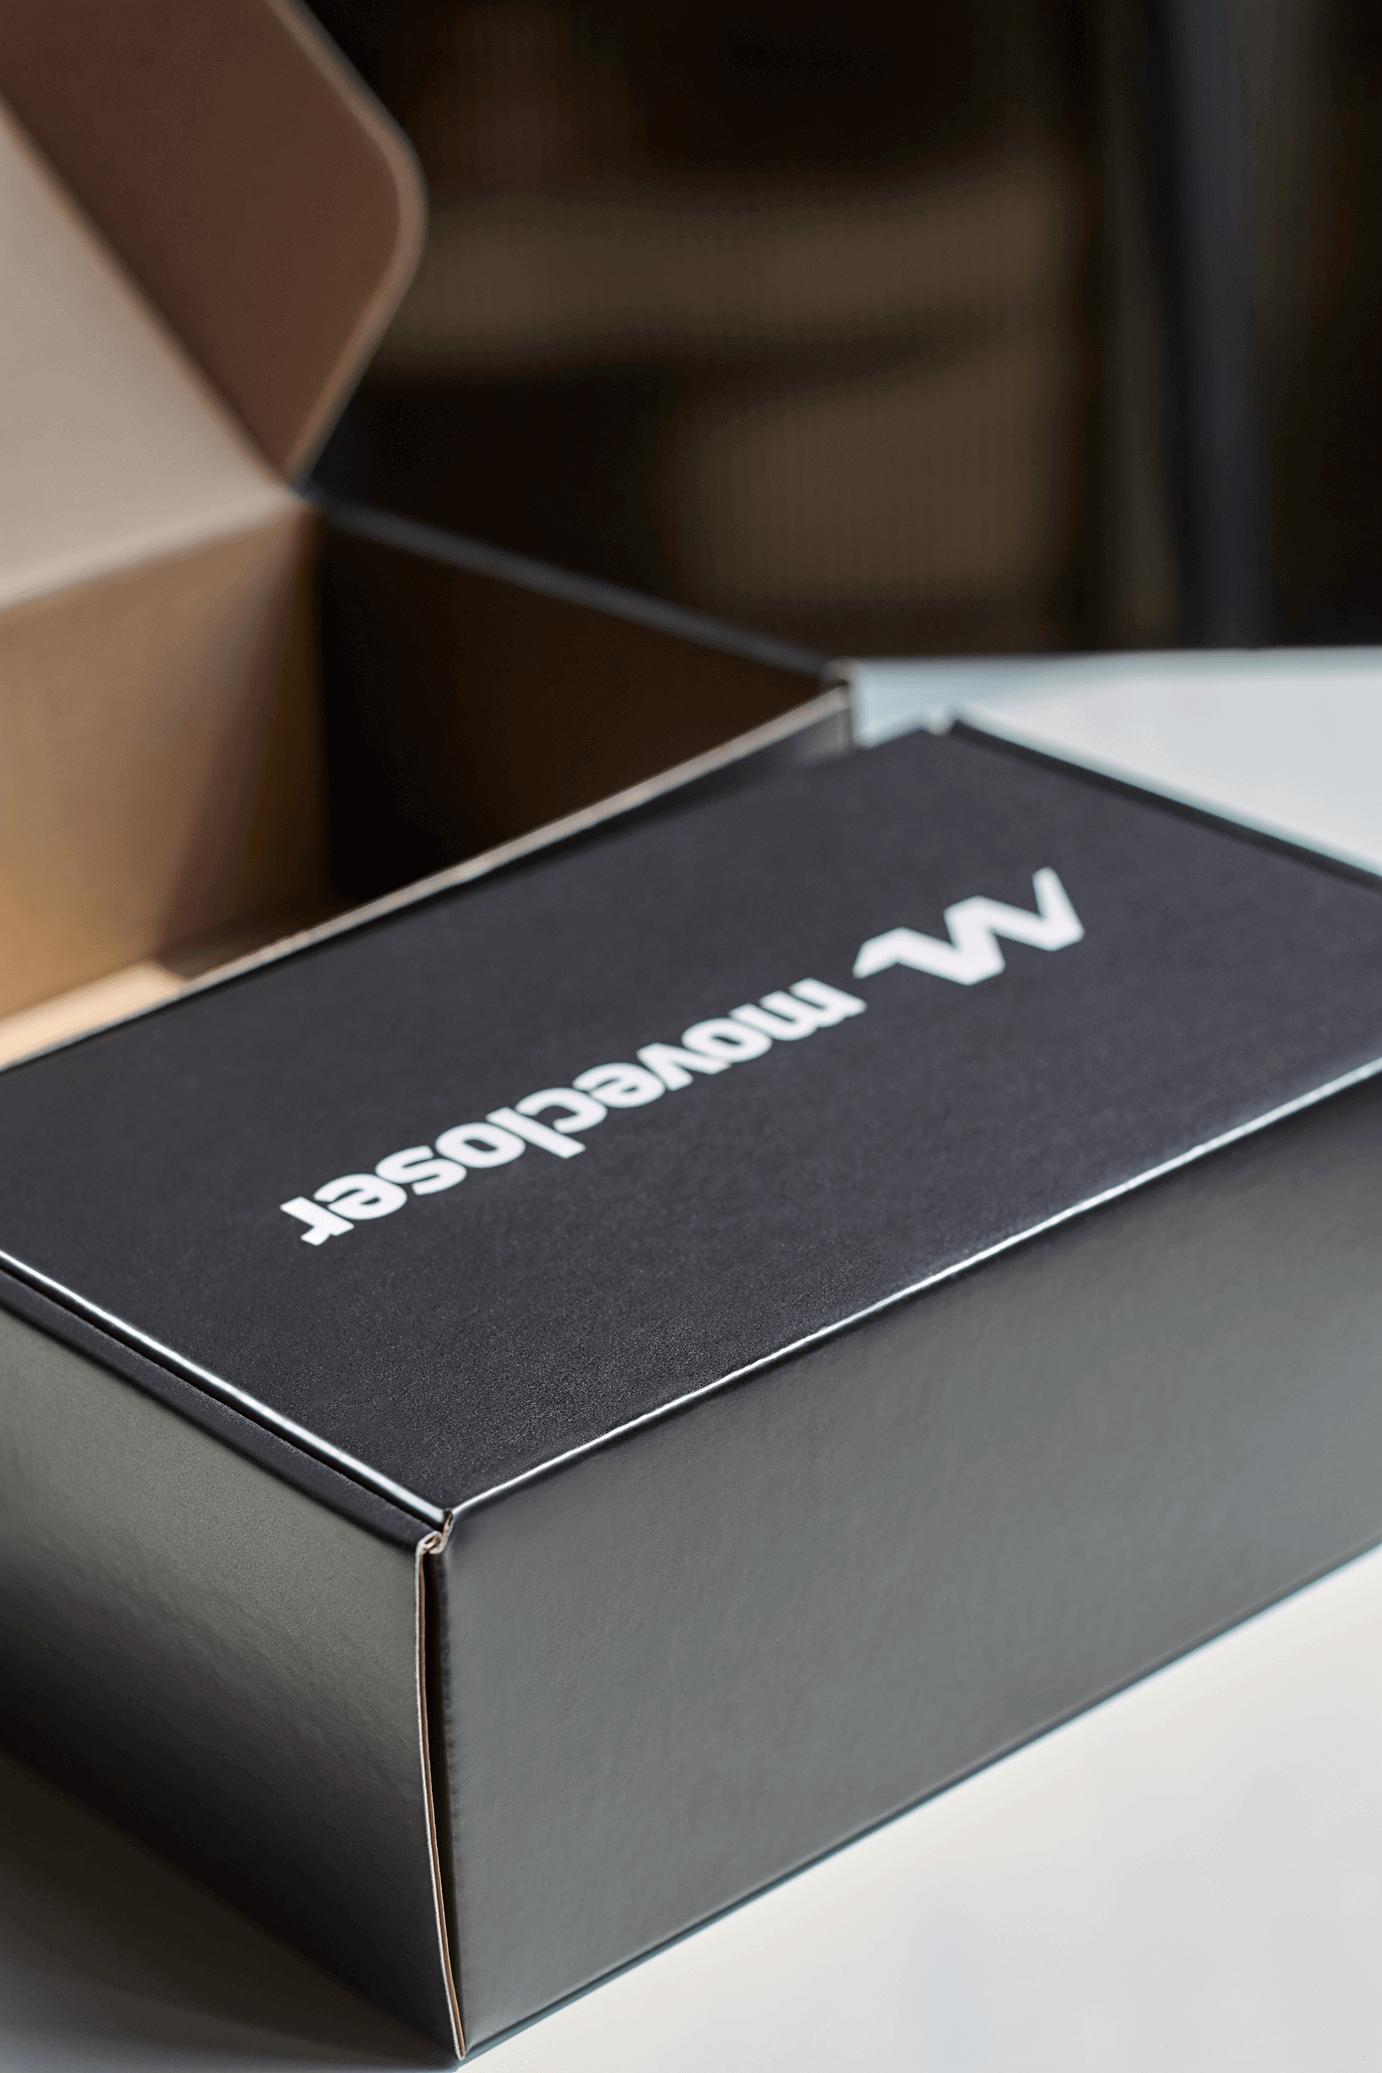 Move Closer förpackning - packhelp